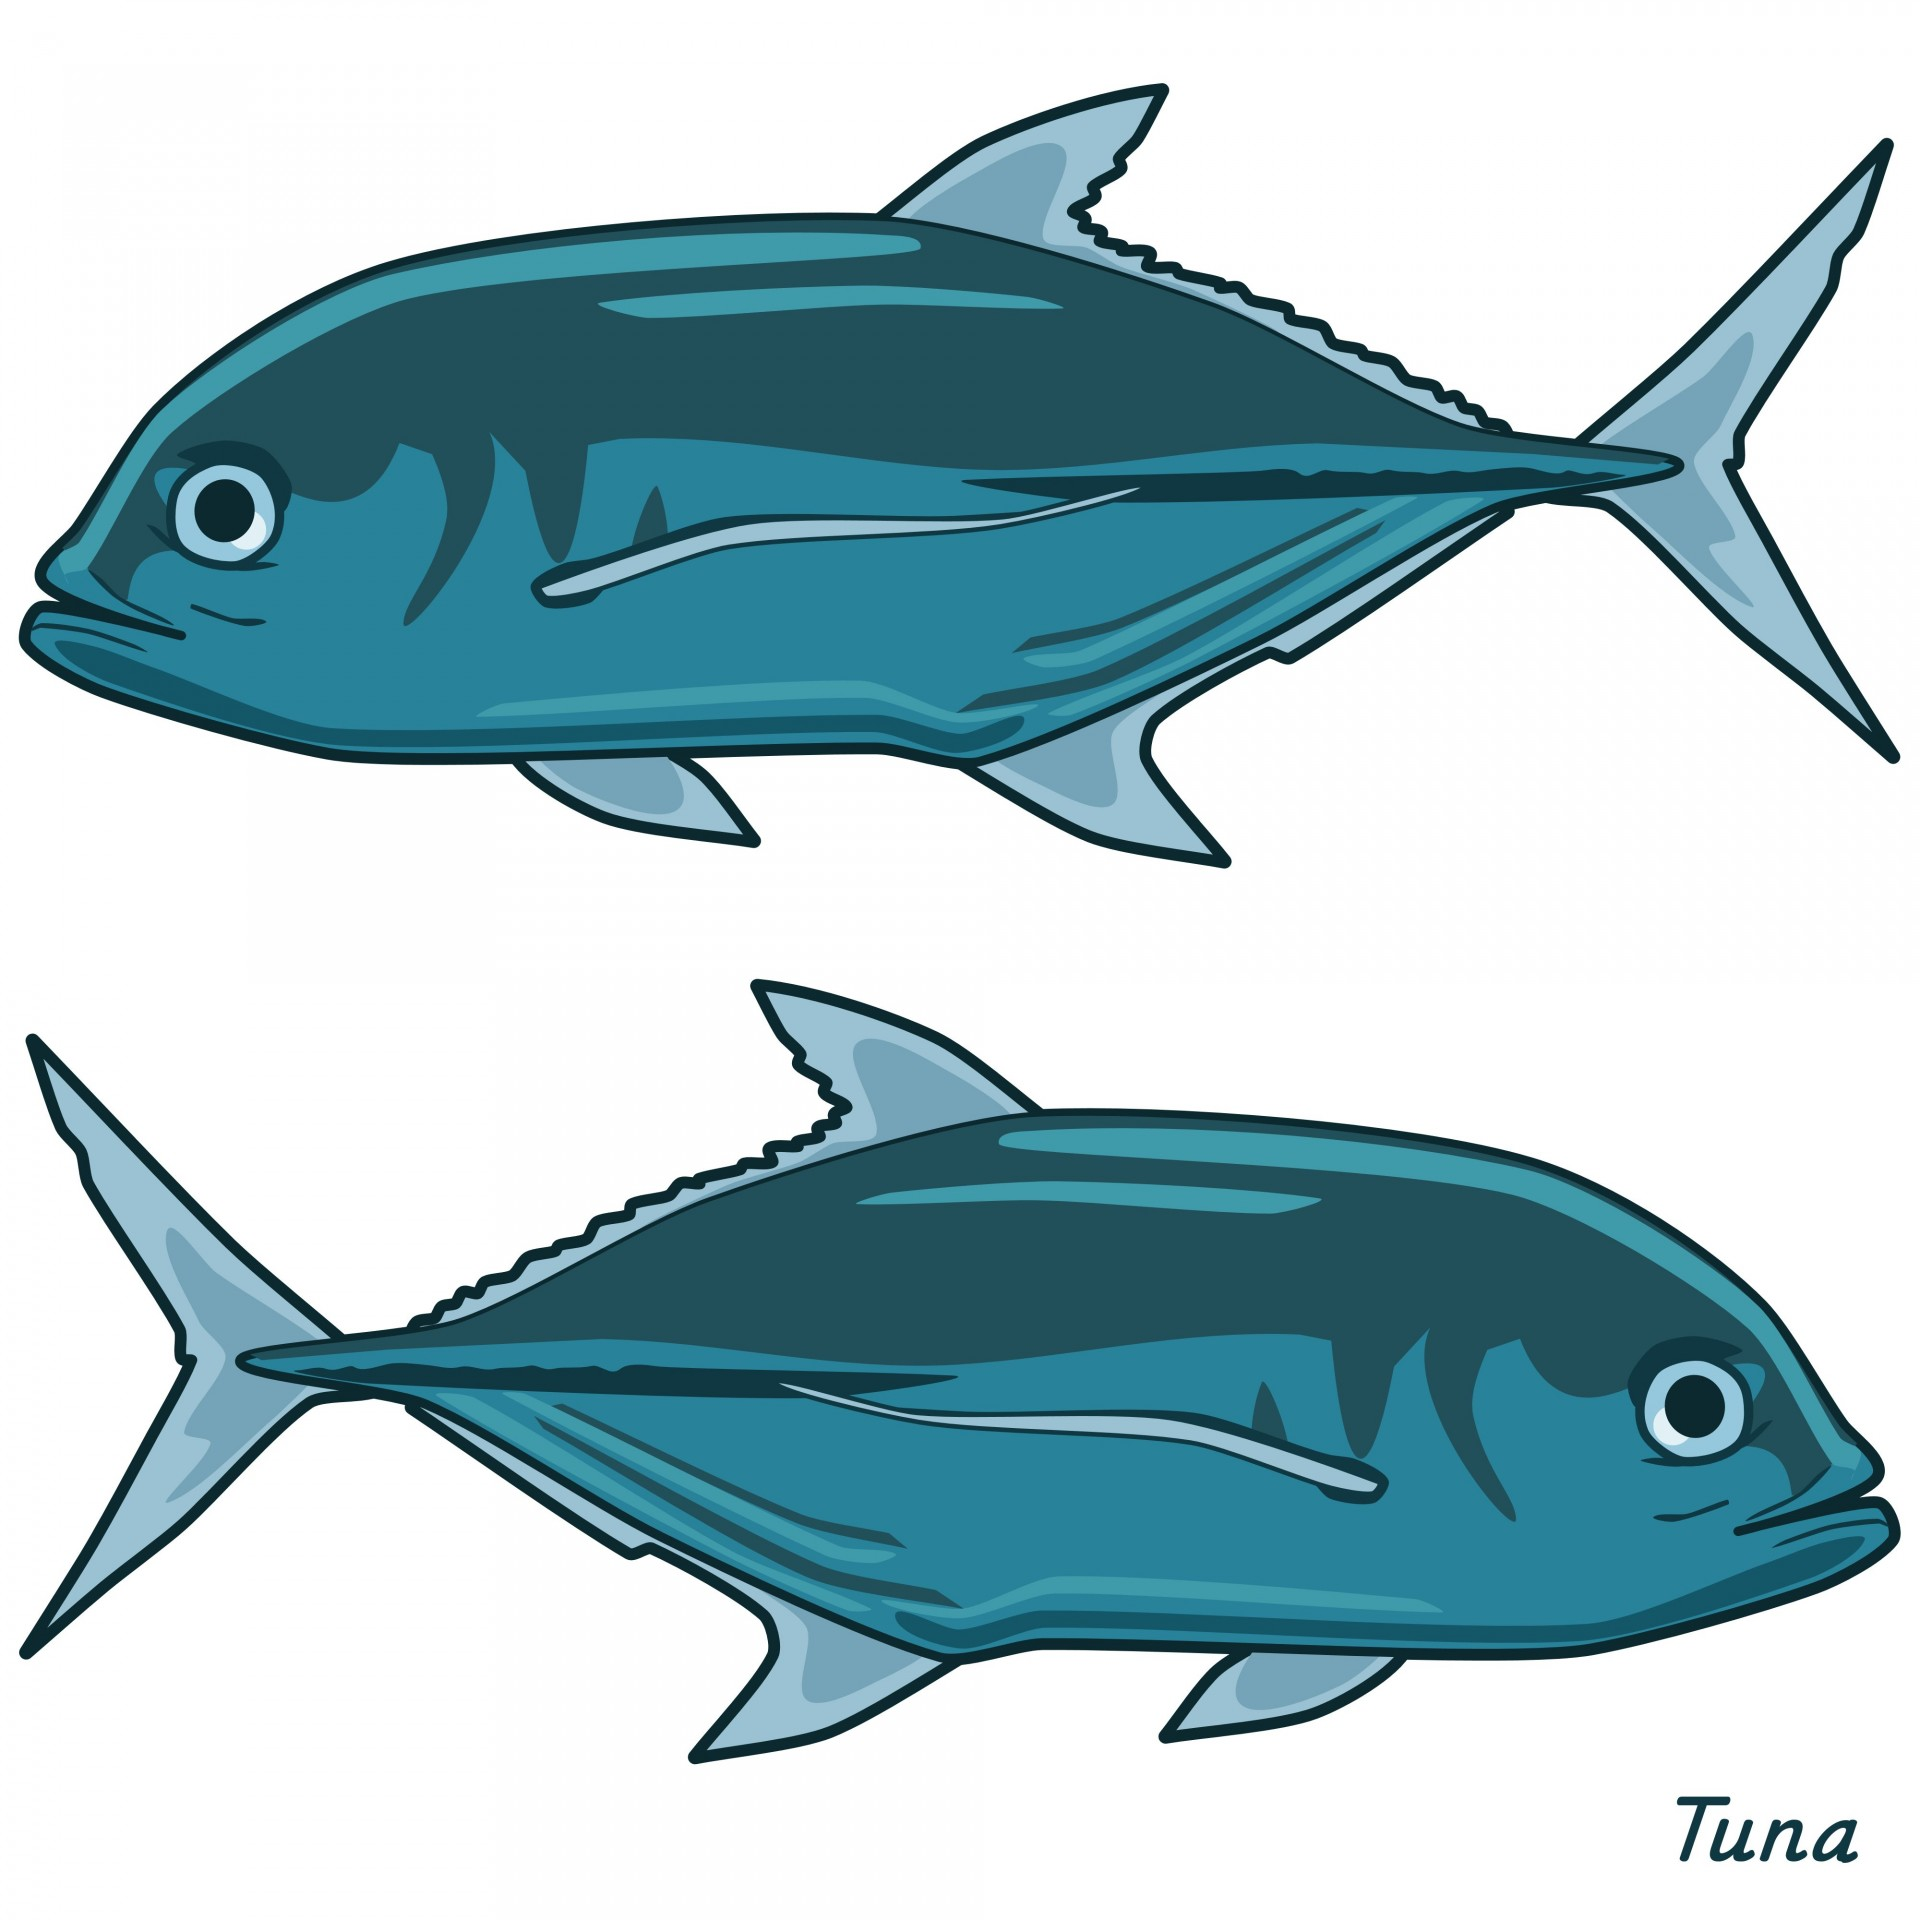 Clip art free stock. Tuna clipart